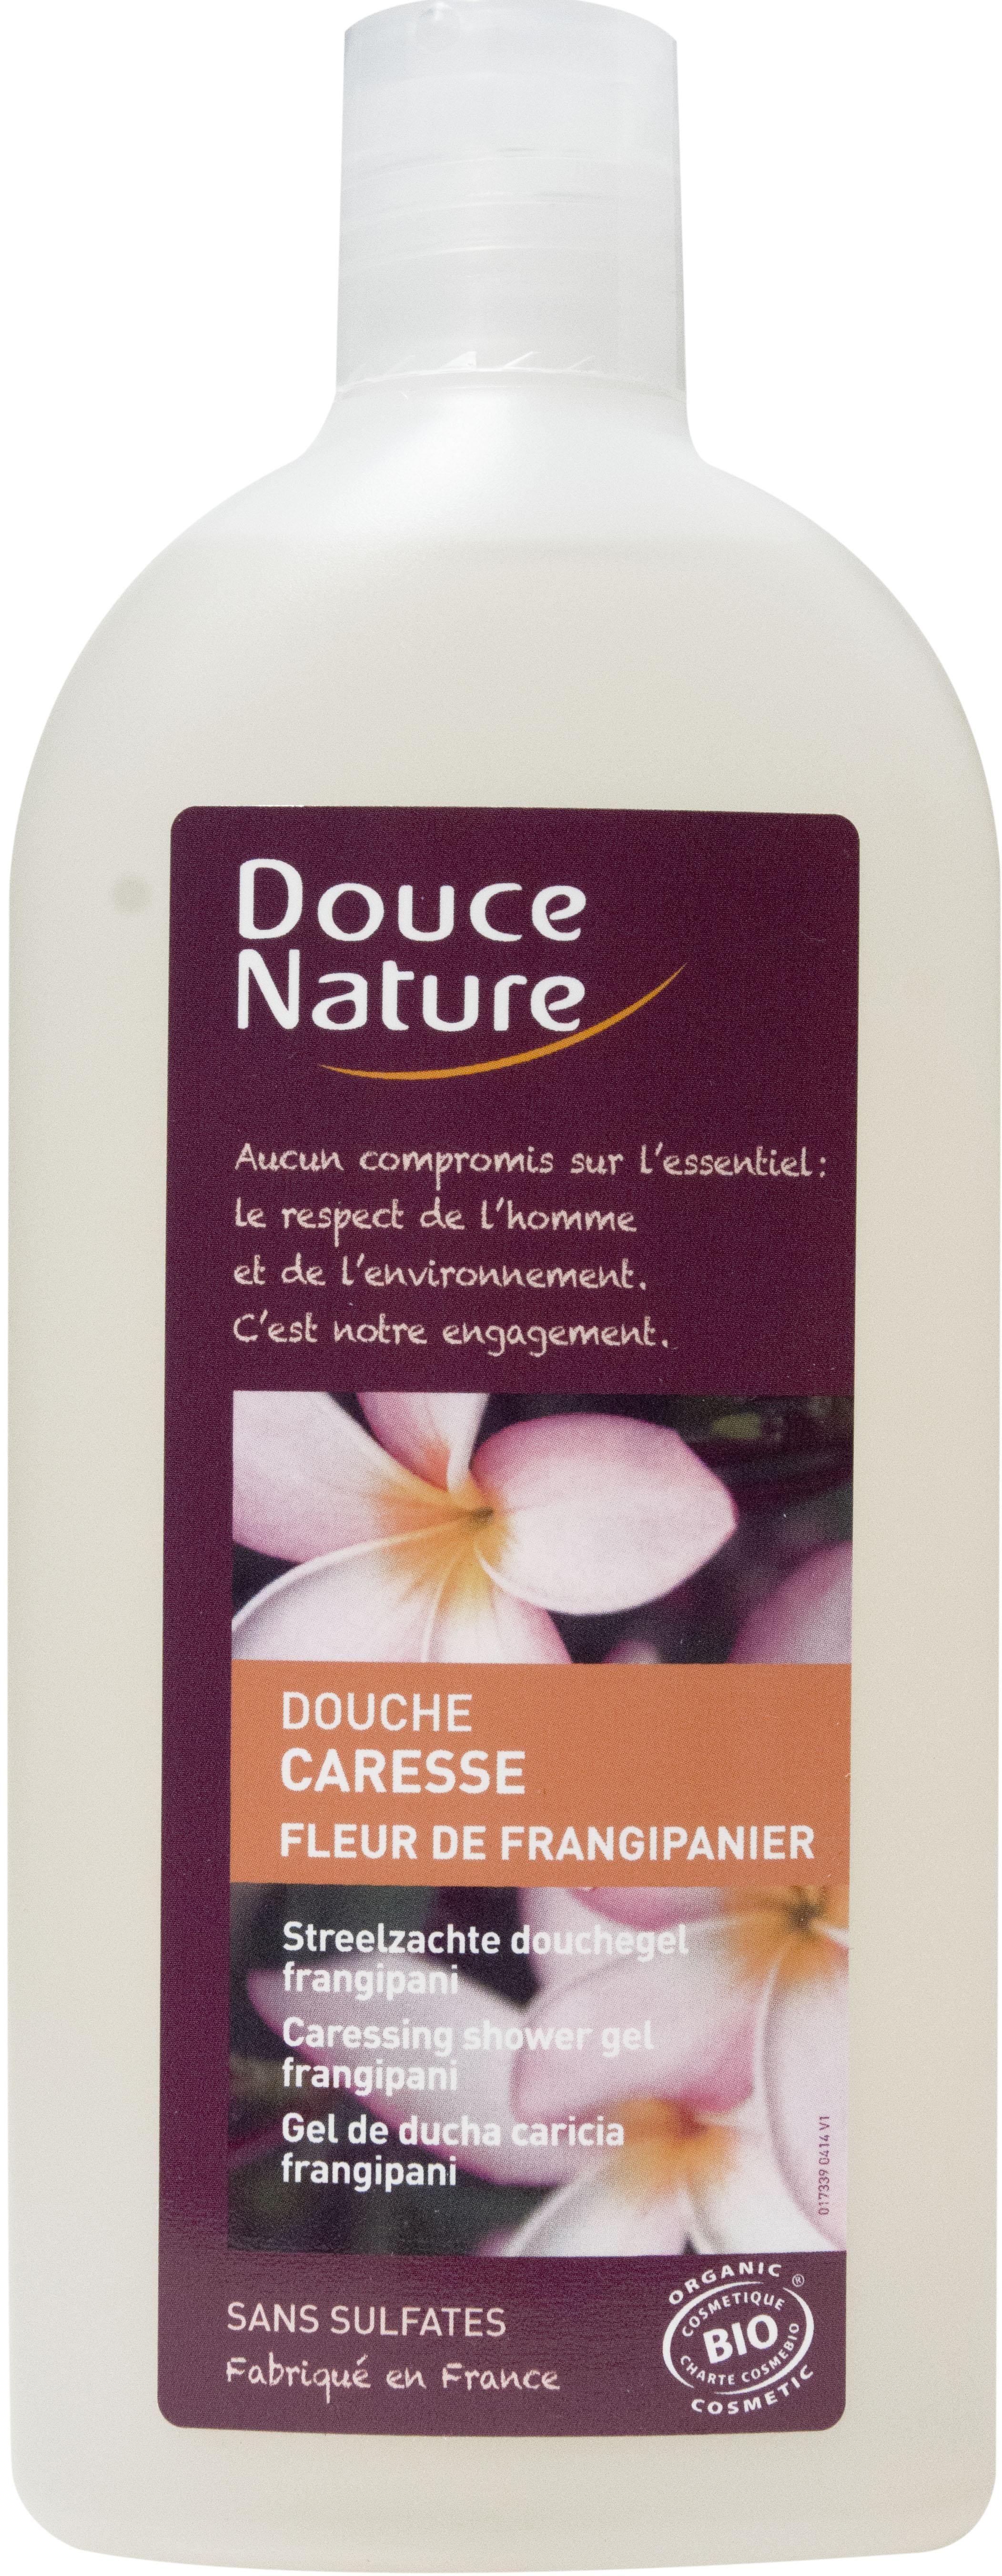 Douche caresse fleur de frangipanier, Douce Nature (300 ml)